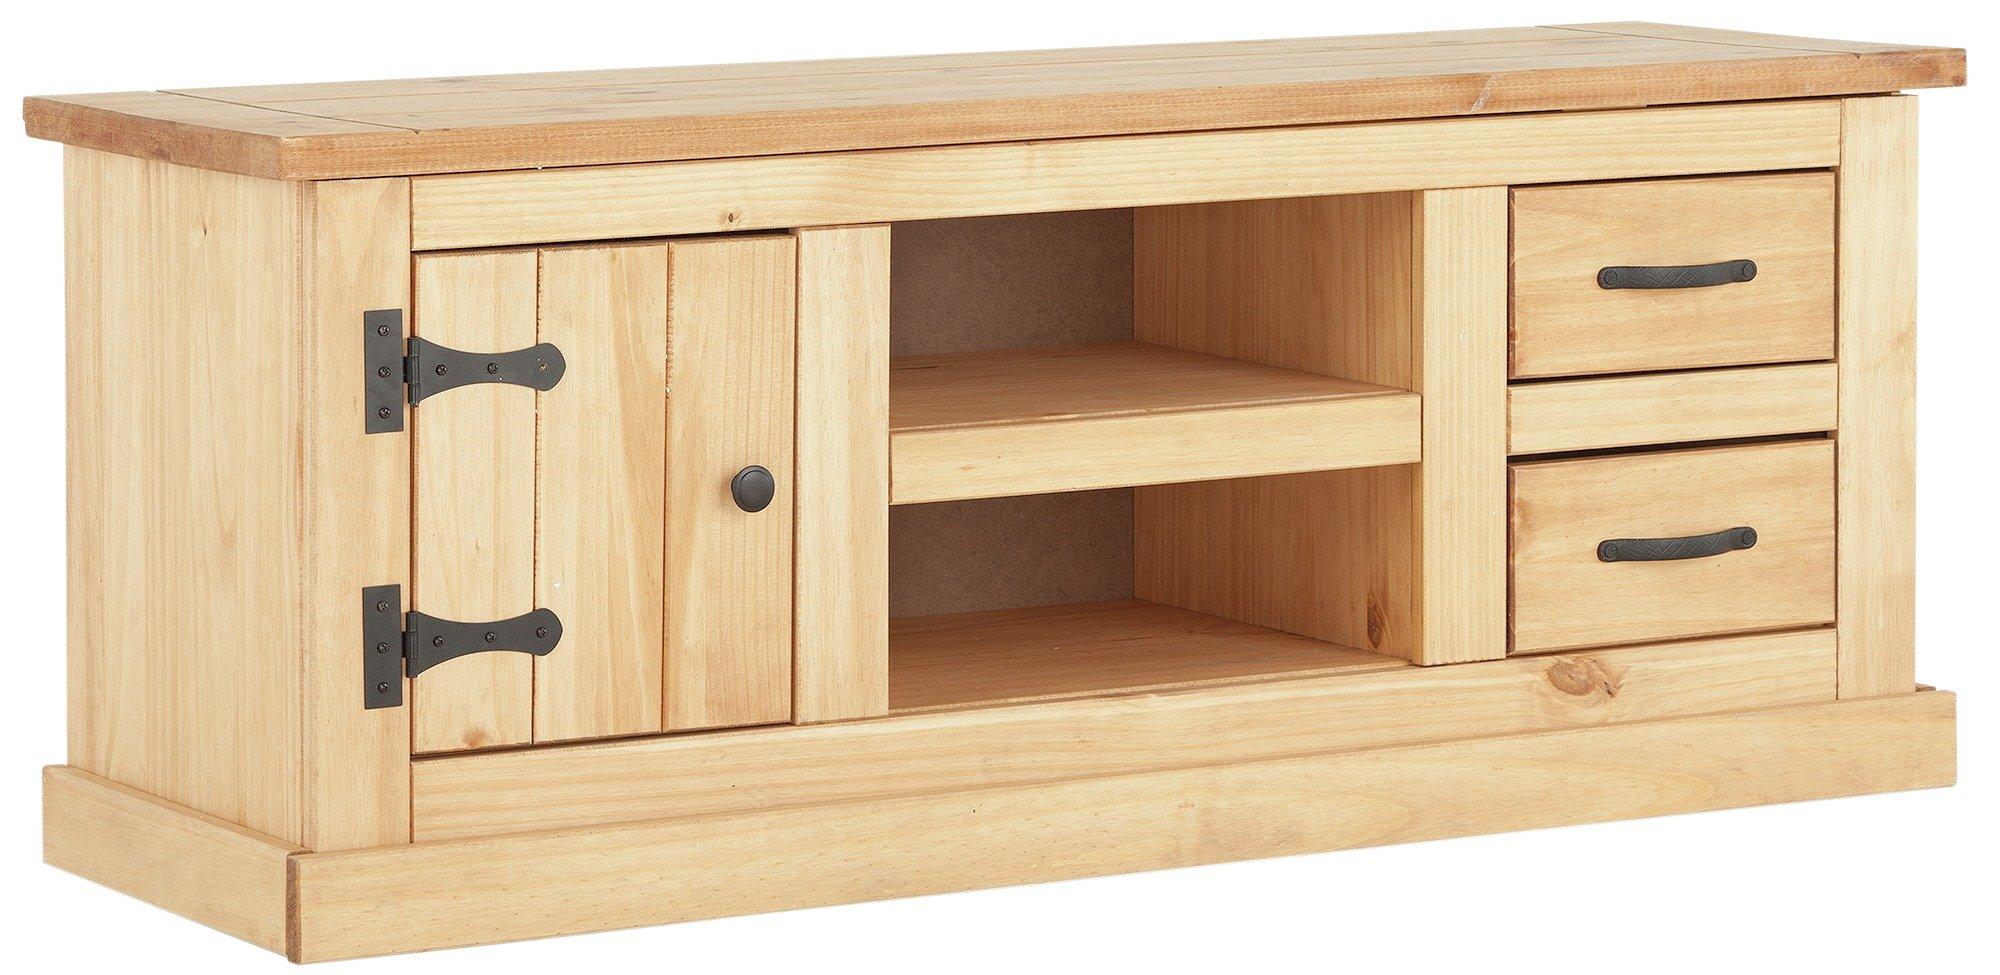 Buy Argos Home San Diego 2 Drawer Solid Pine TV Unit | TV Stands | Argos